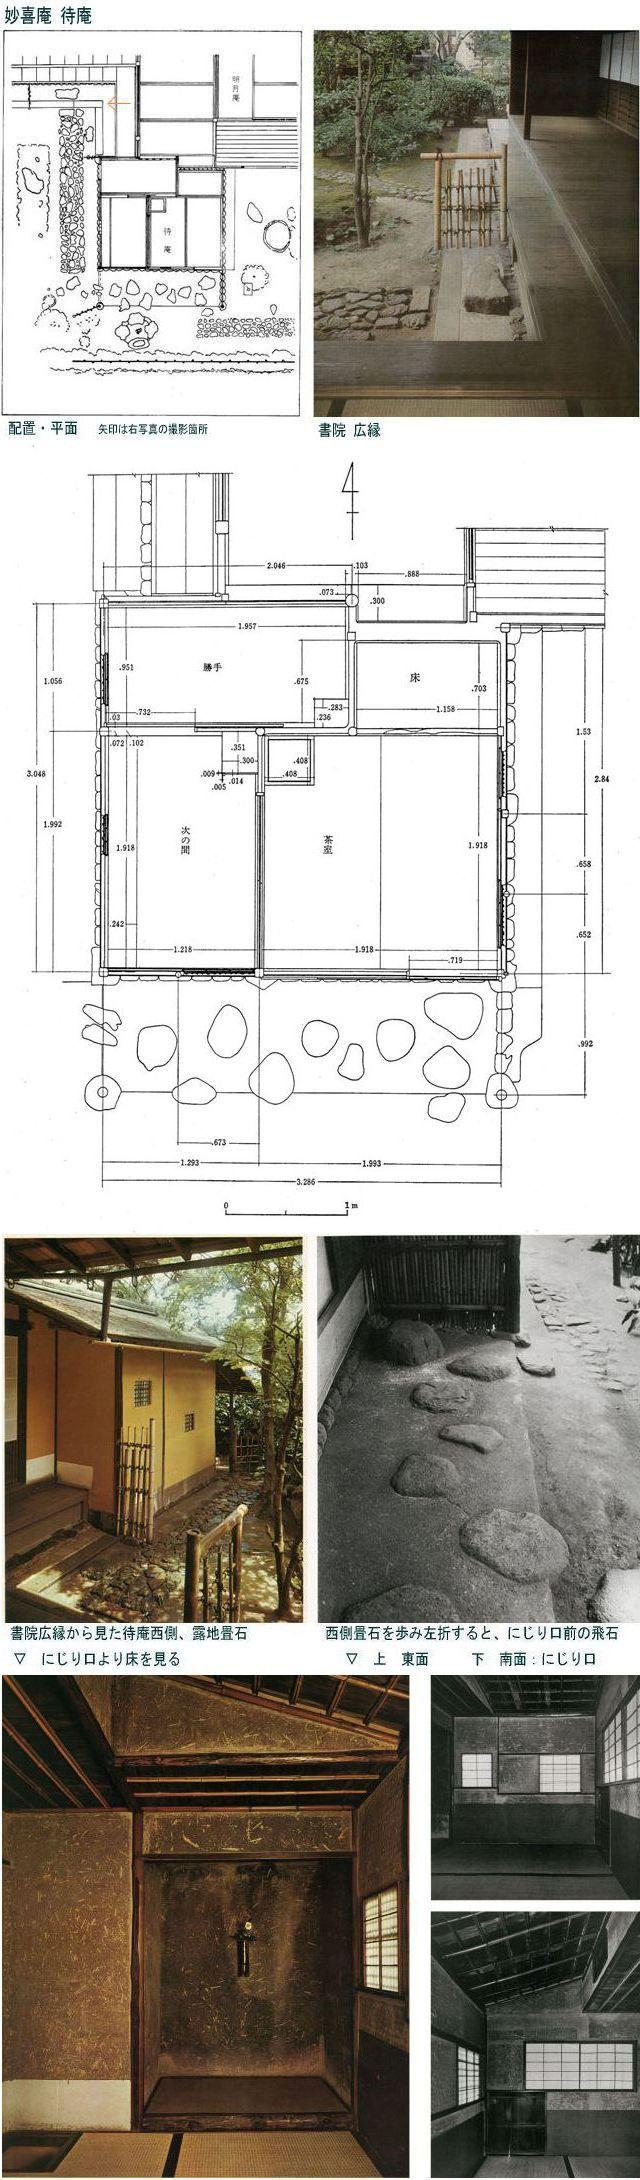 日本の建築技術の展開-18・・・・心象風景の造成・その3:妙喜庵 待庵 - 建築をめぐる話・・・・つくることの原点を考える…